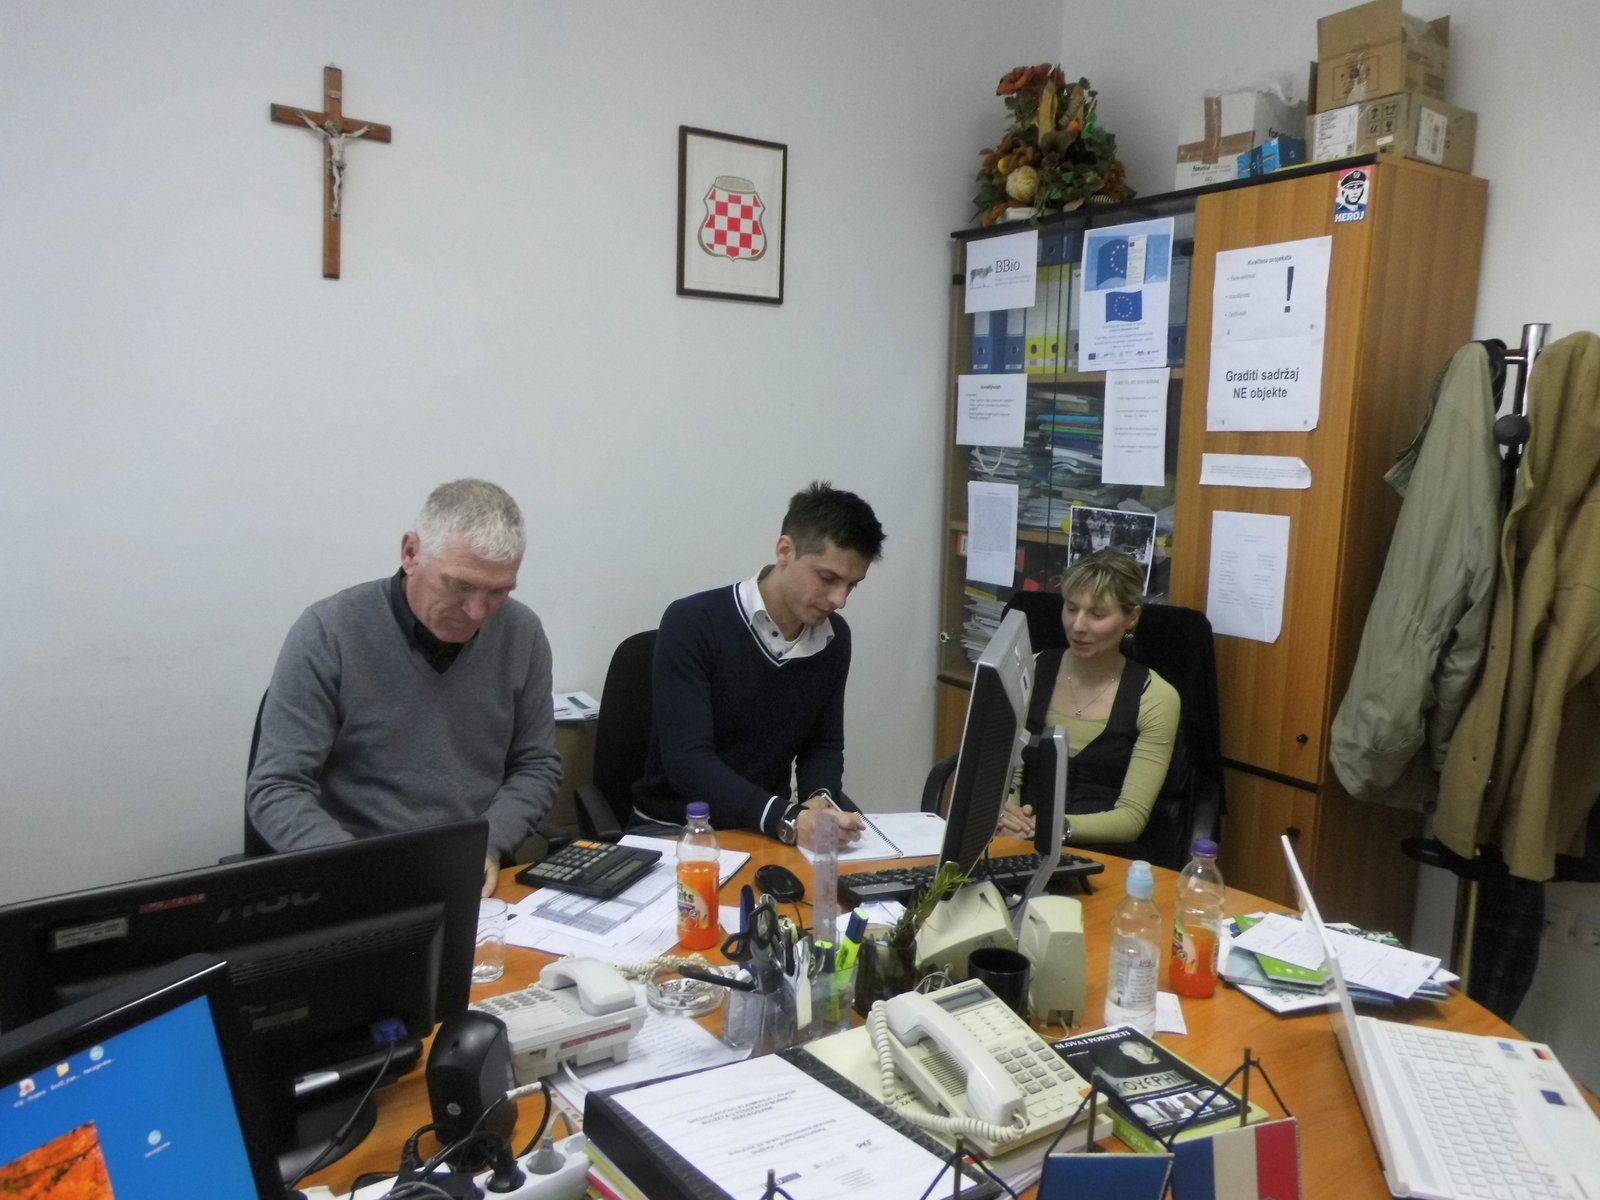 18. koordinacijski sastanak Tehničkog odbora ( TC – Technical Committee ) projekta BBio